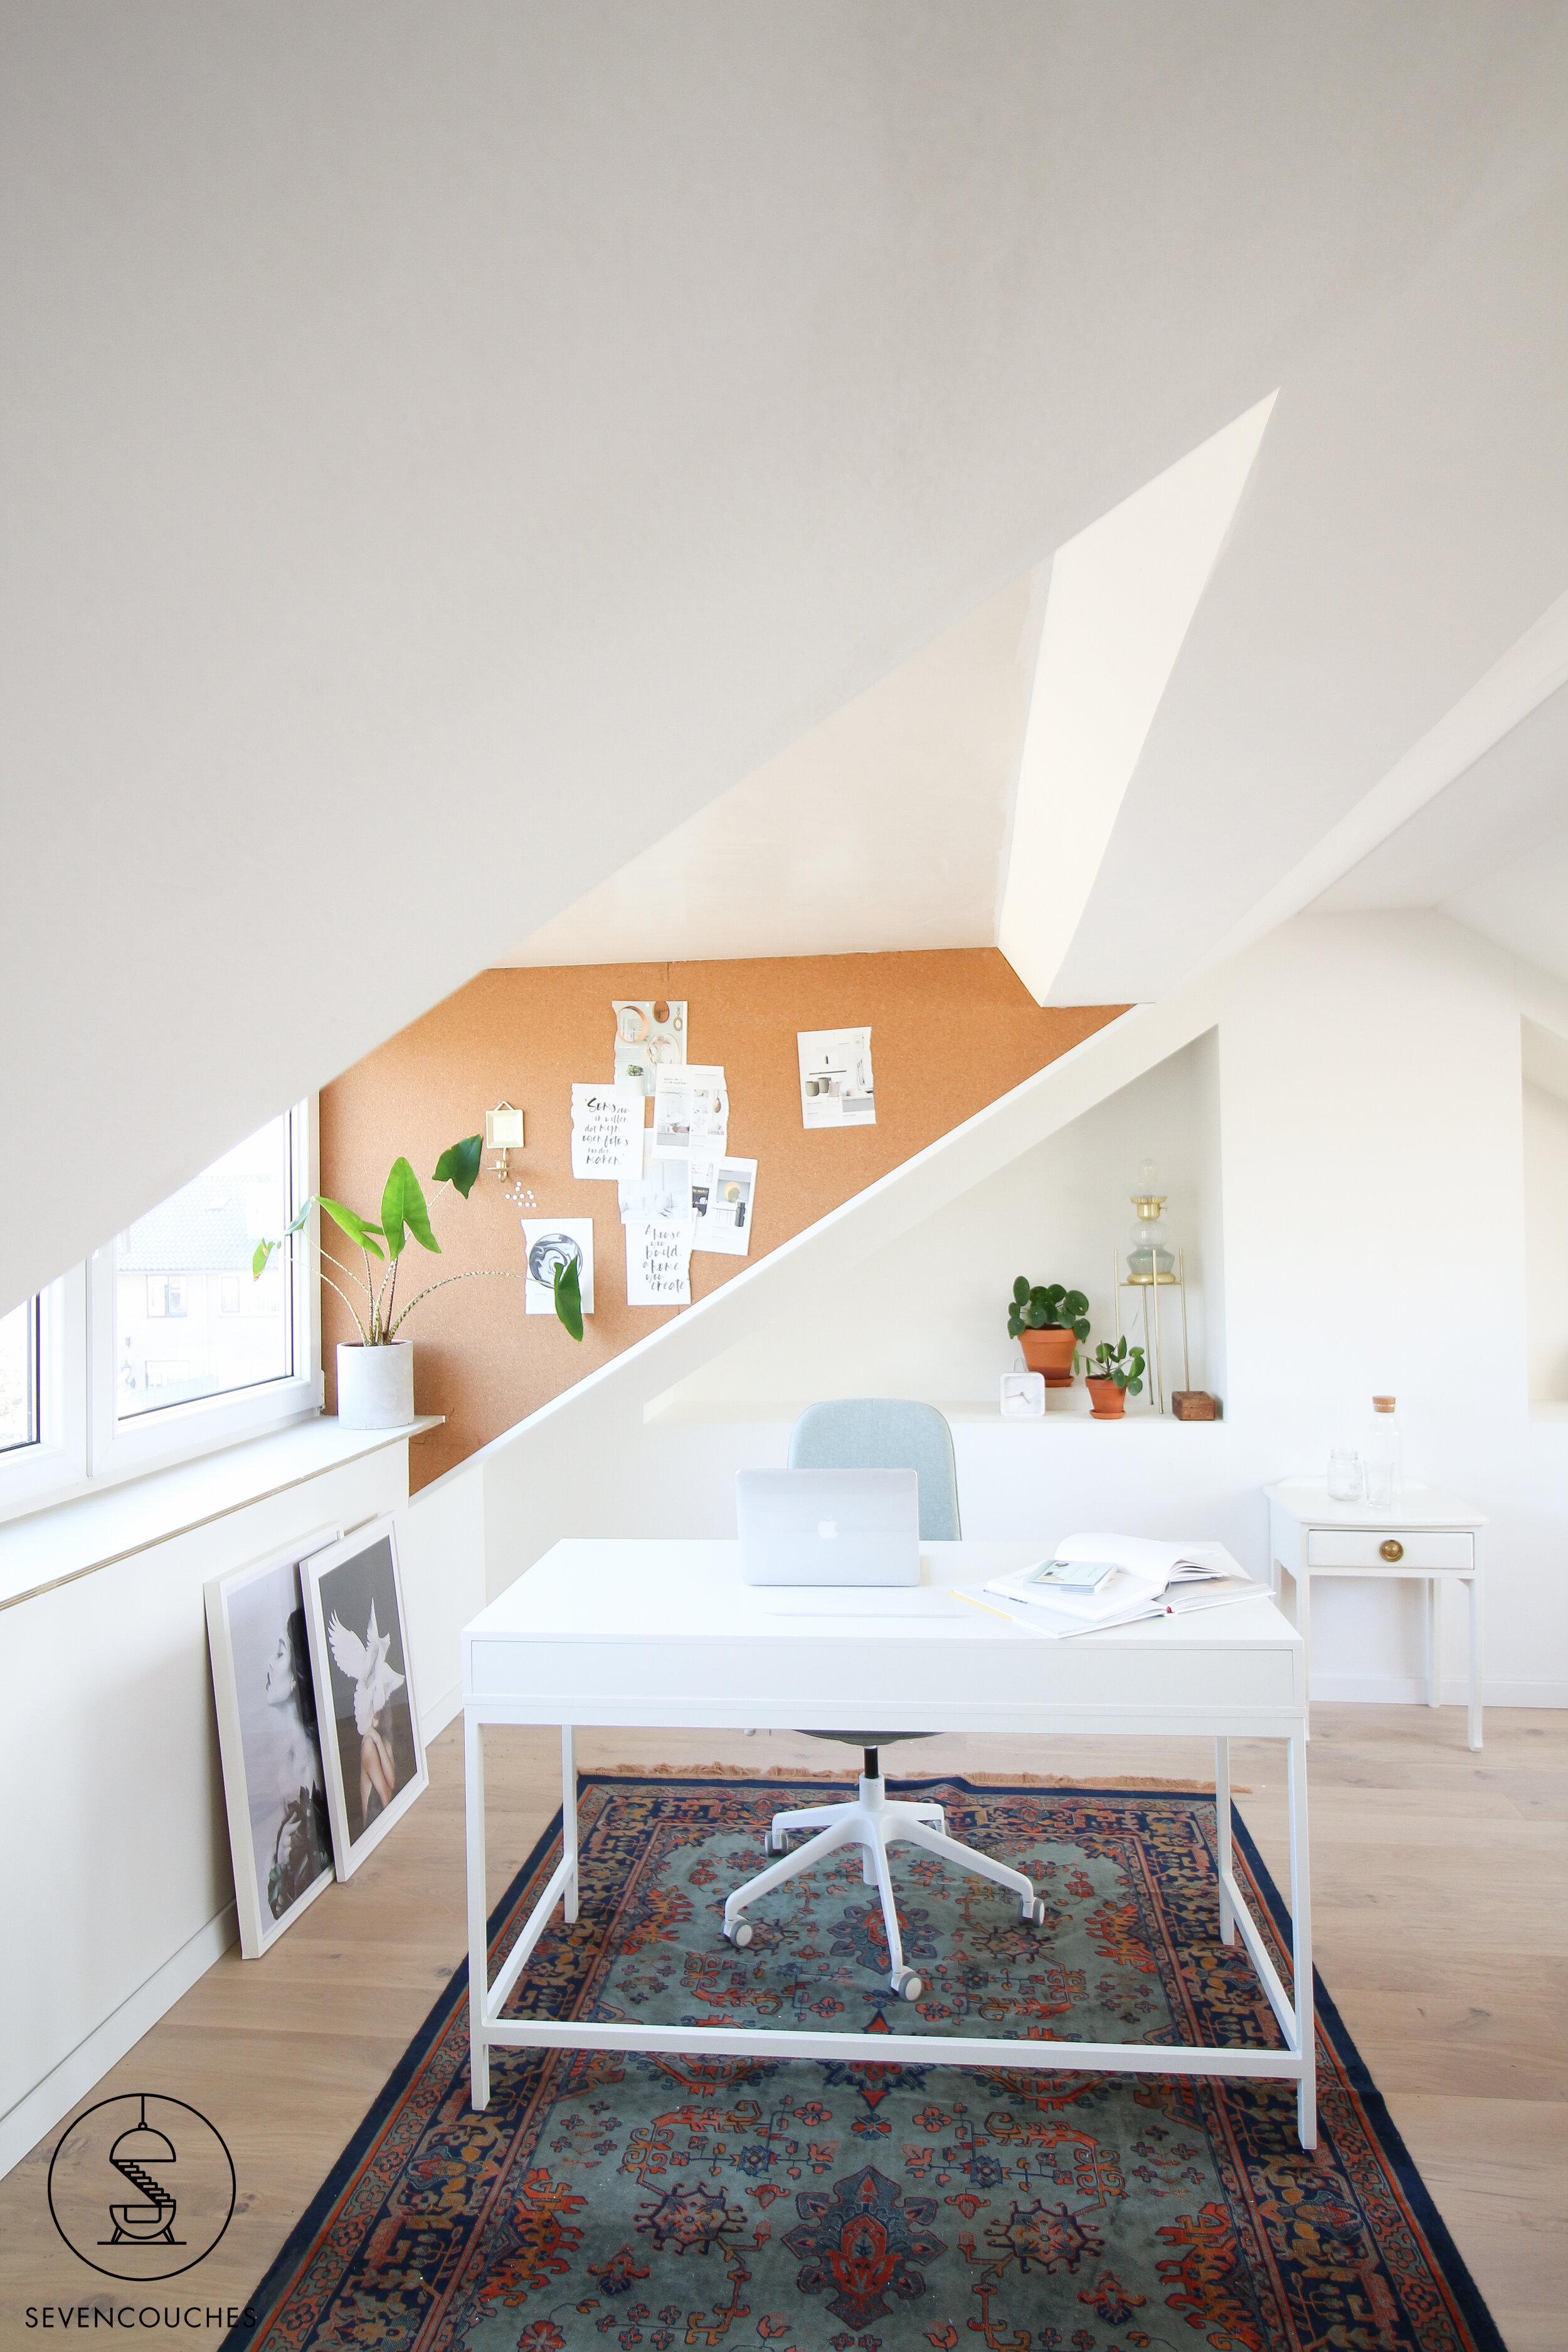 Verhuisplannen Deze Vier Verbeteringen Aan Je Huis Leveren Het Meest Op Sevencouches